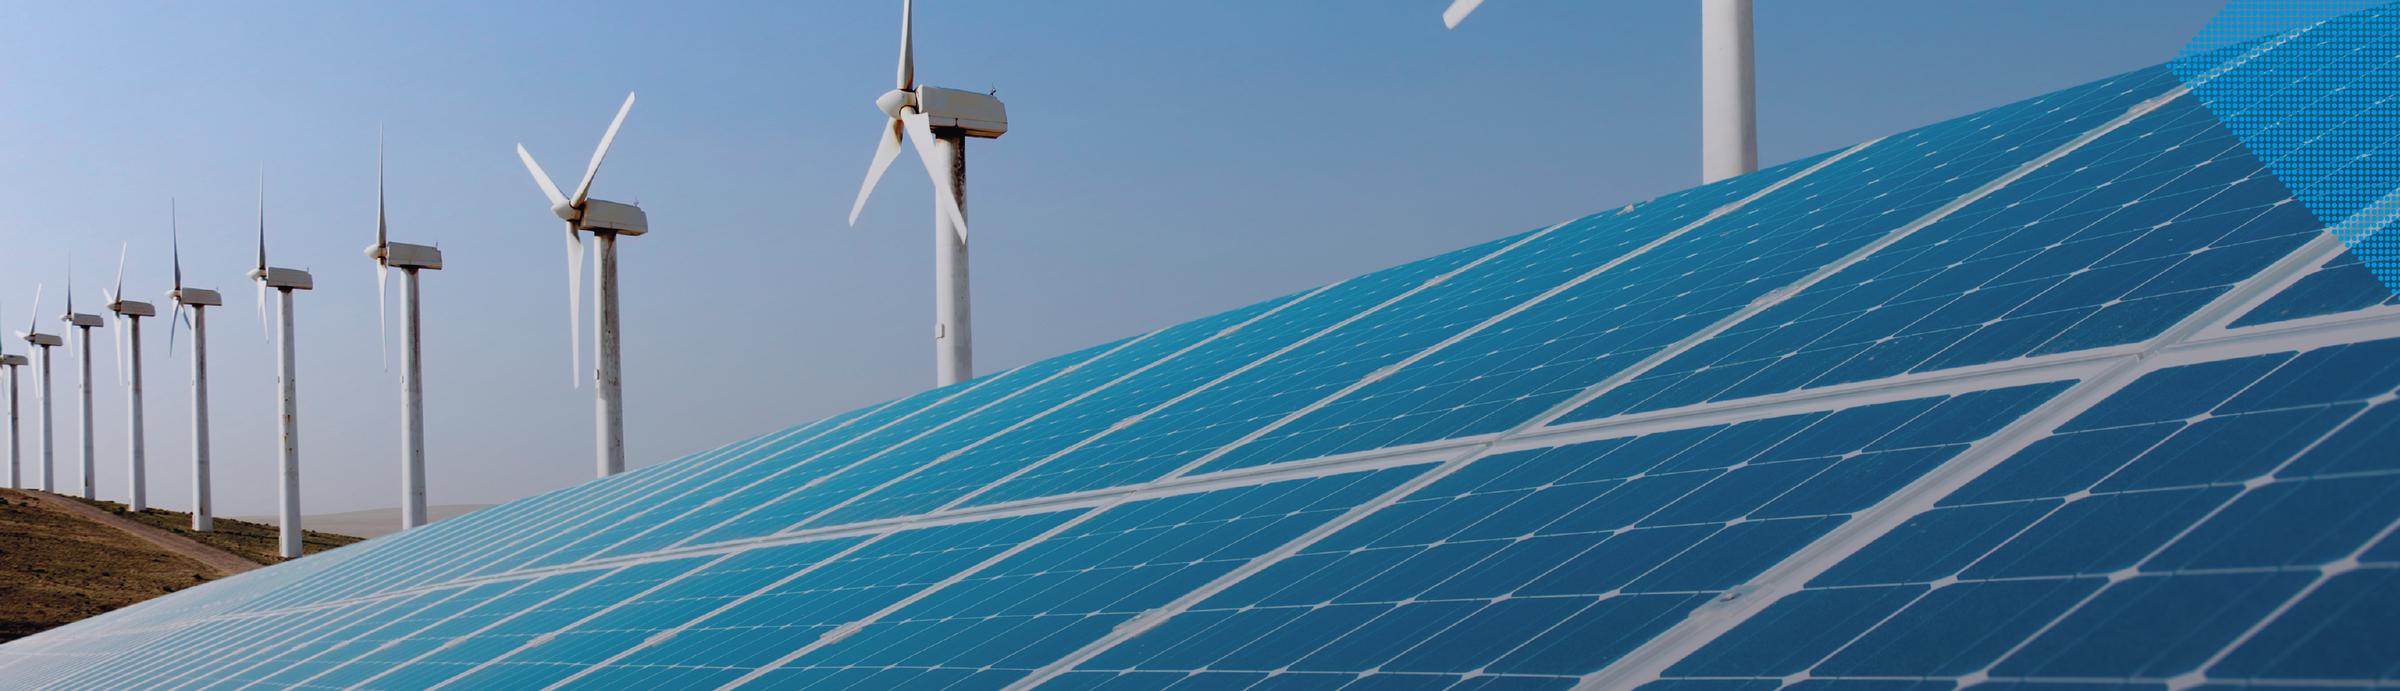 Início - Energias renováveis